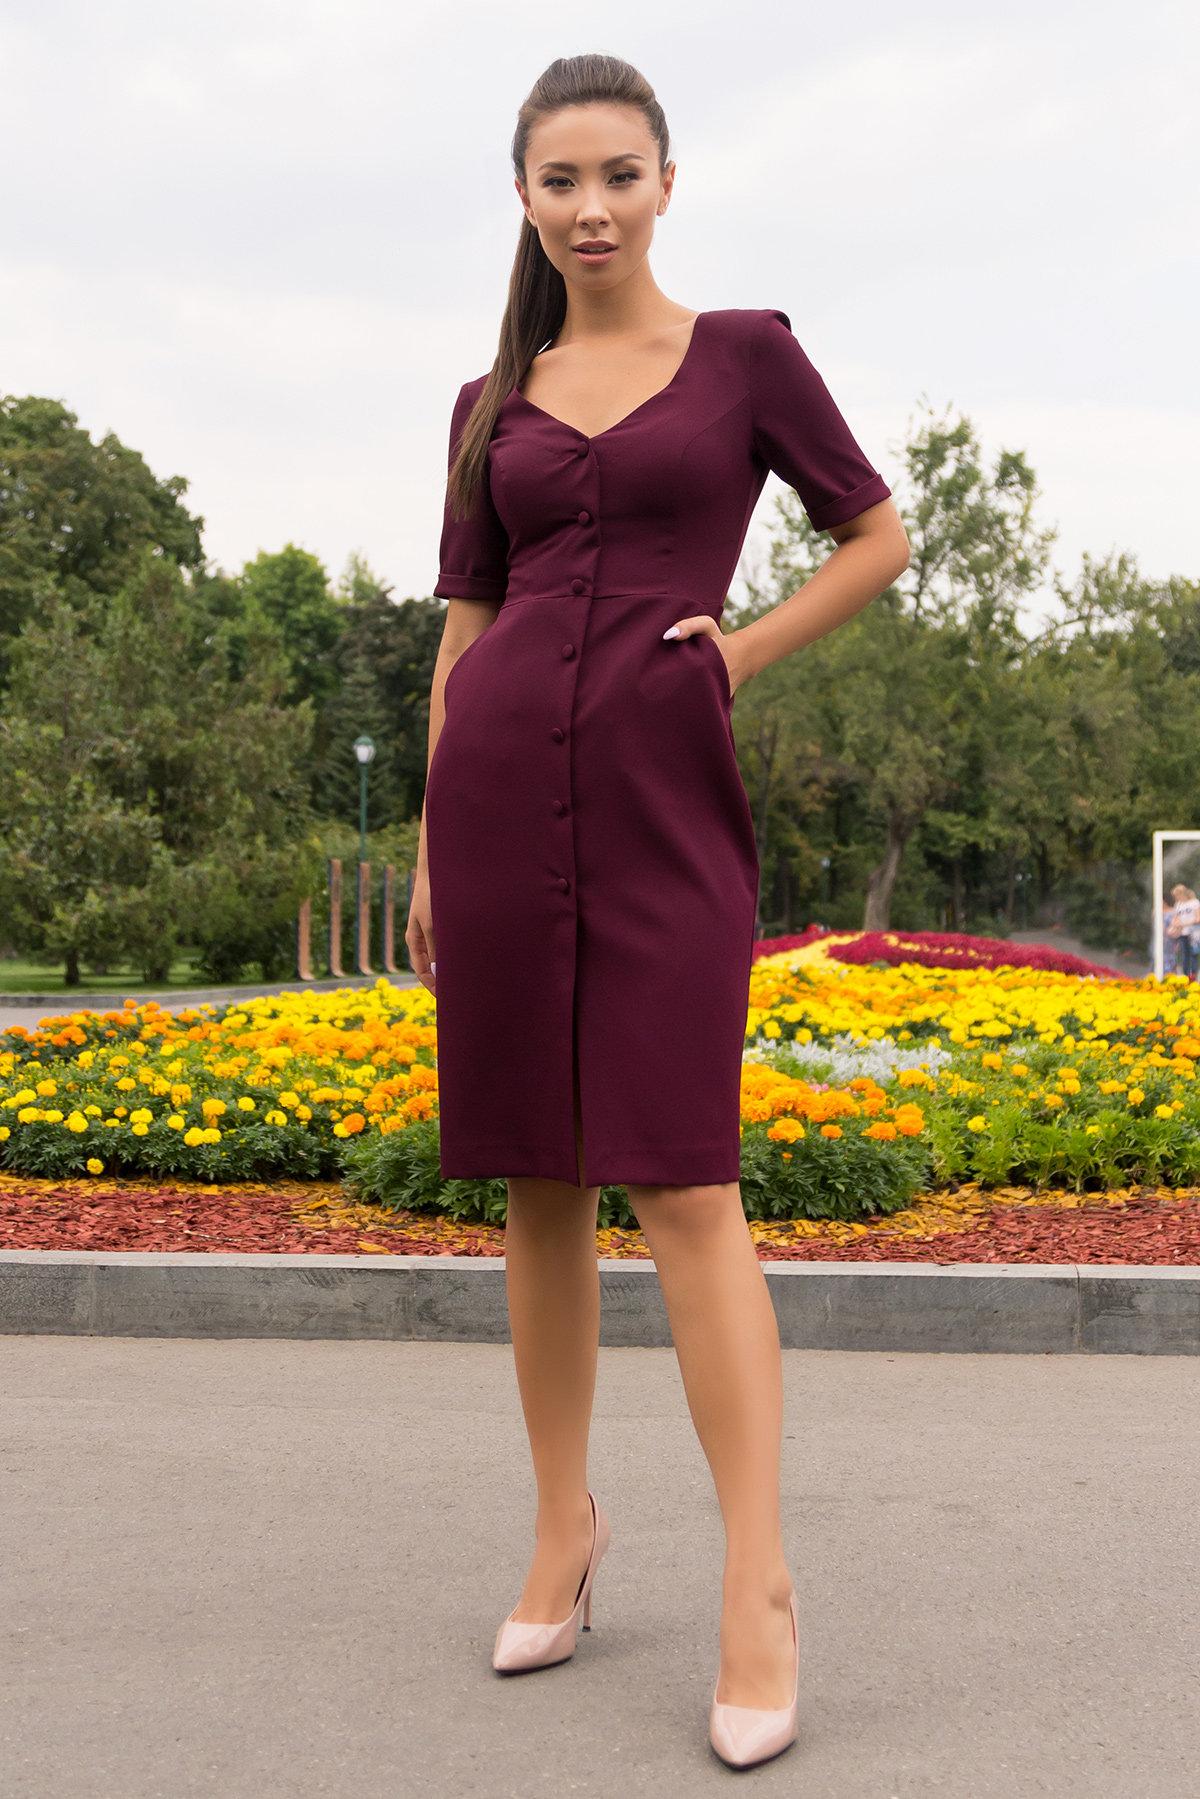 Деловое платье миди Тетрис 7917 АРТ. 43903 Цвет: Винный - фото 1, интернет магазин tm-modus.ru